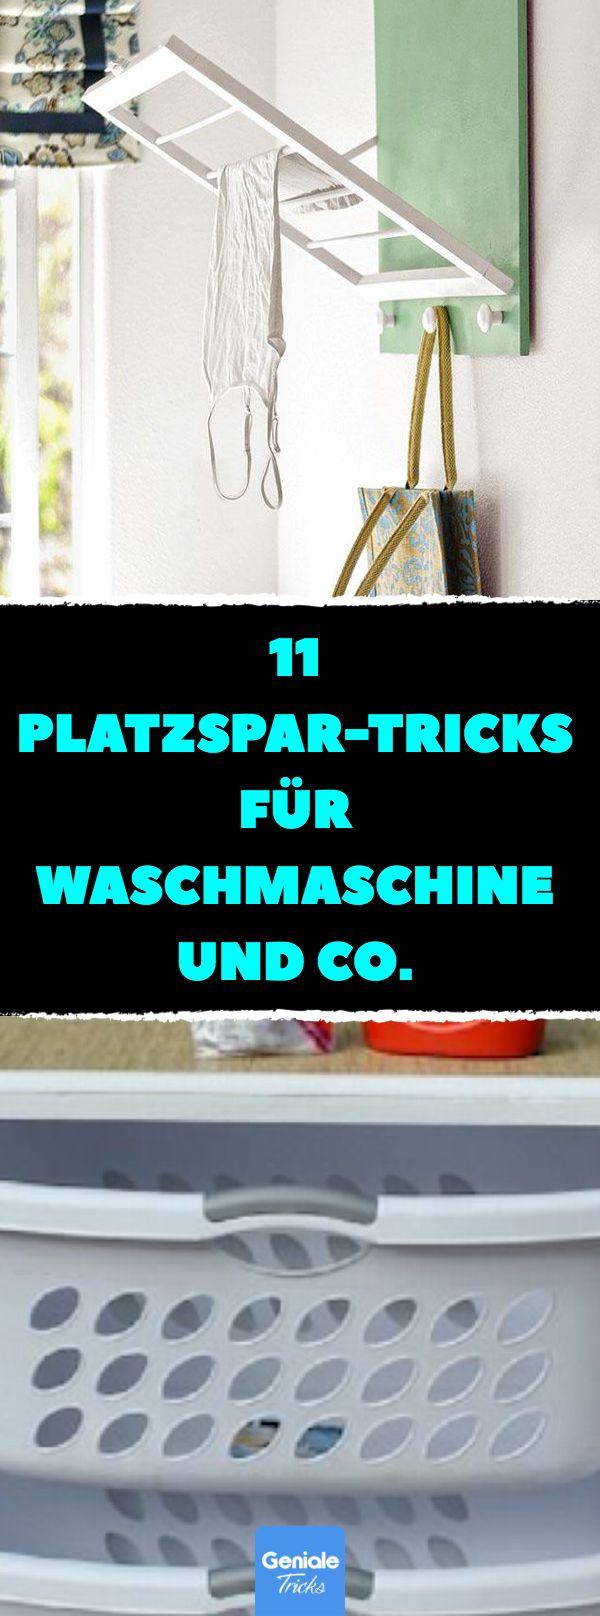 11 Platzspar-Tricks für Waschmaschine und Co. #stauraum #tipps #tricks #zuhause #kleinewohnung